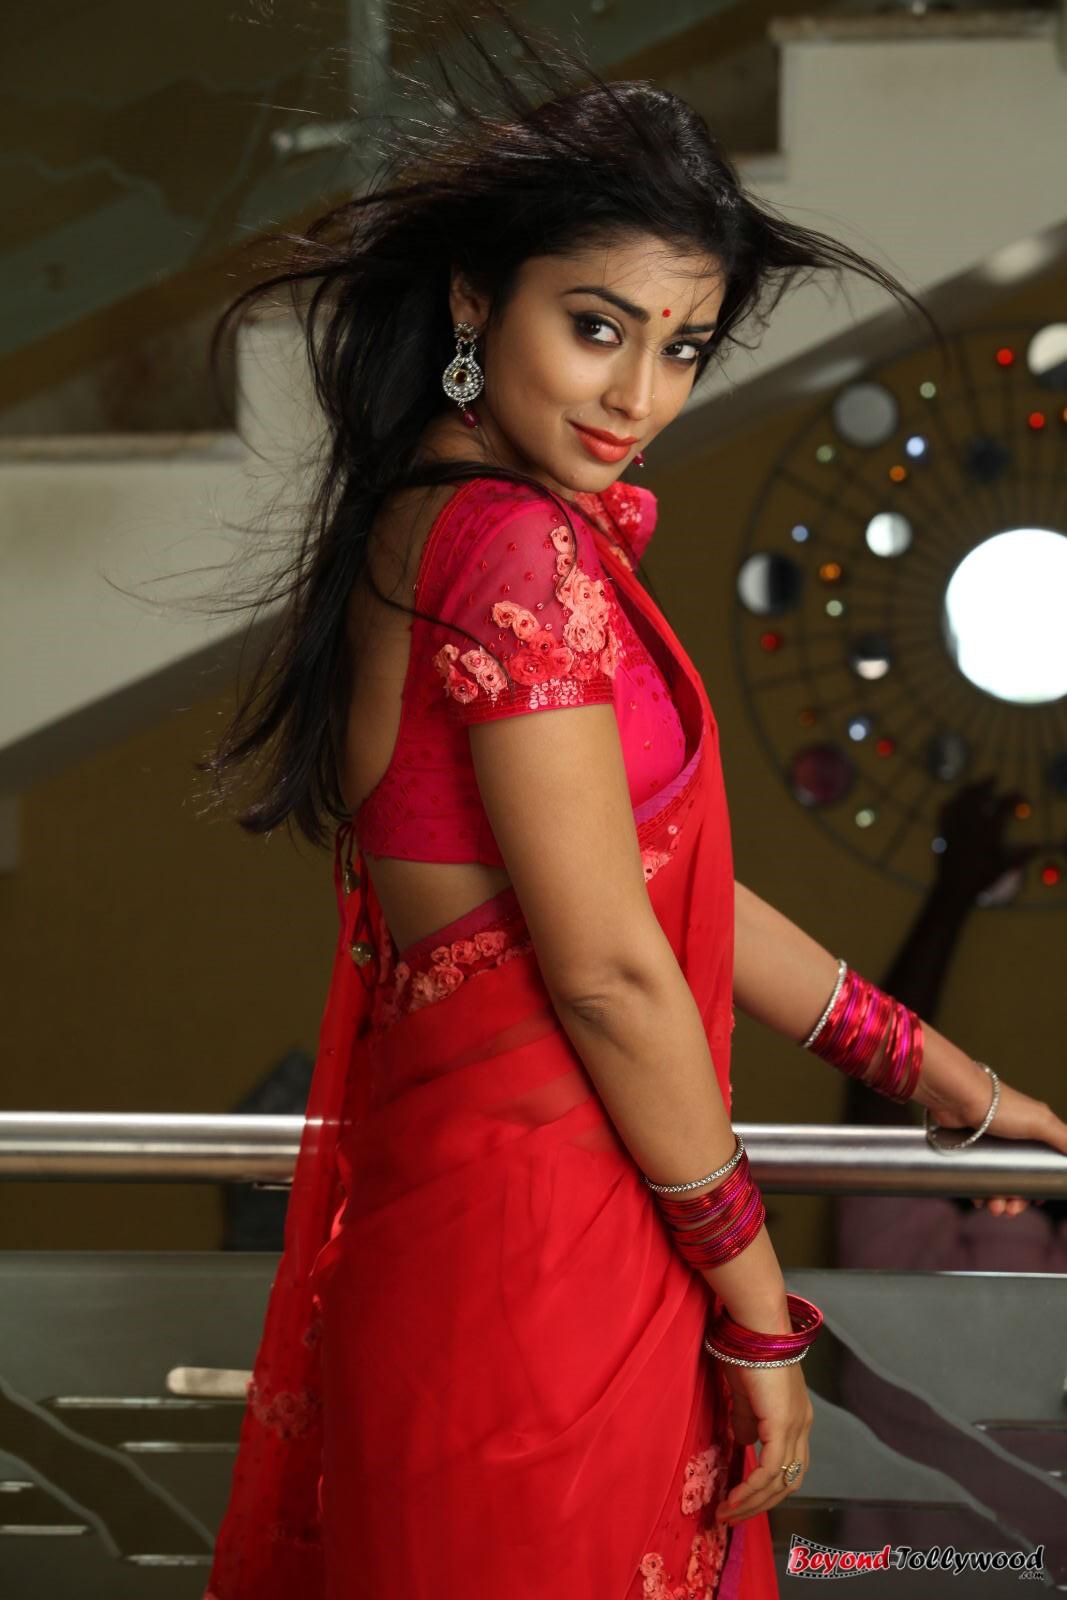 Tollypicz Shriya Saran Hot Red Saree Stills From Pavitra-6107